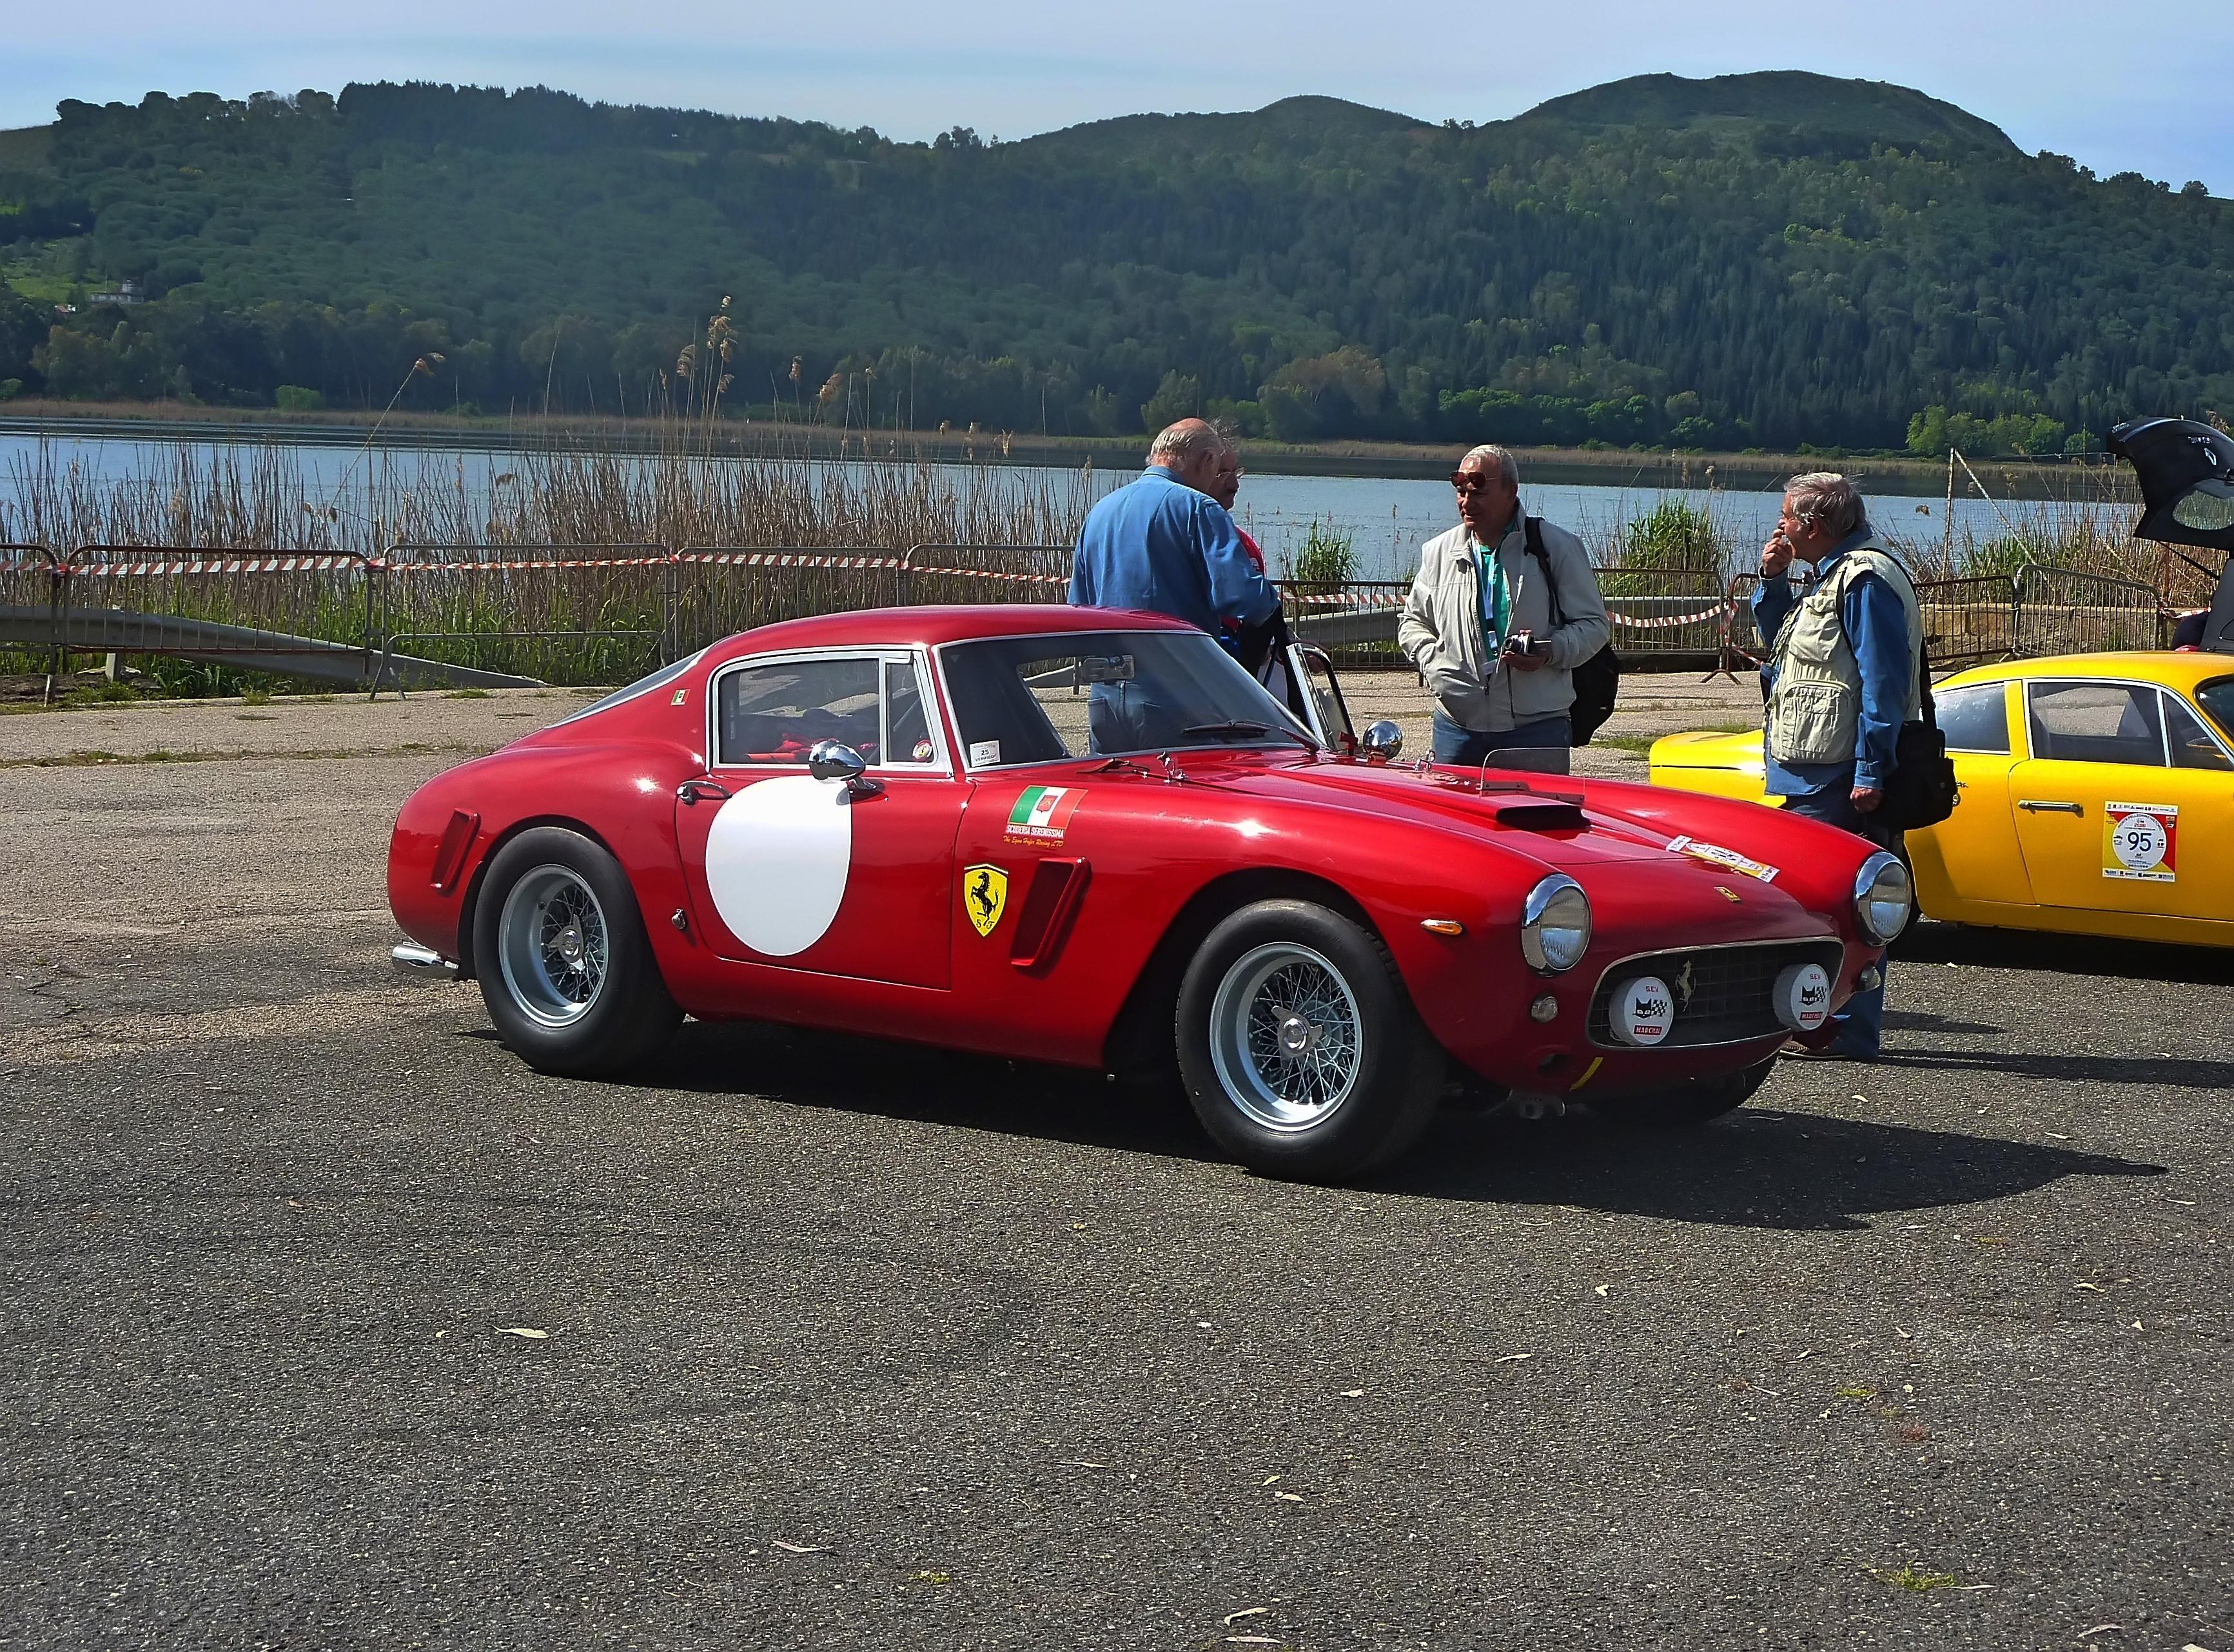 1961 Ferrari 250 GT SWB #2701 (13)_filtered